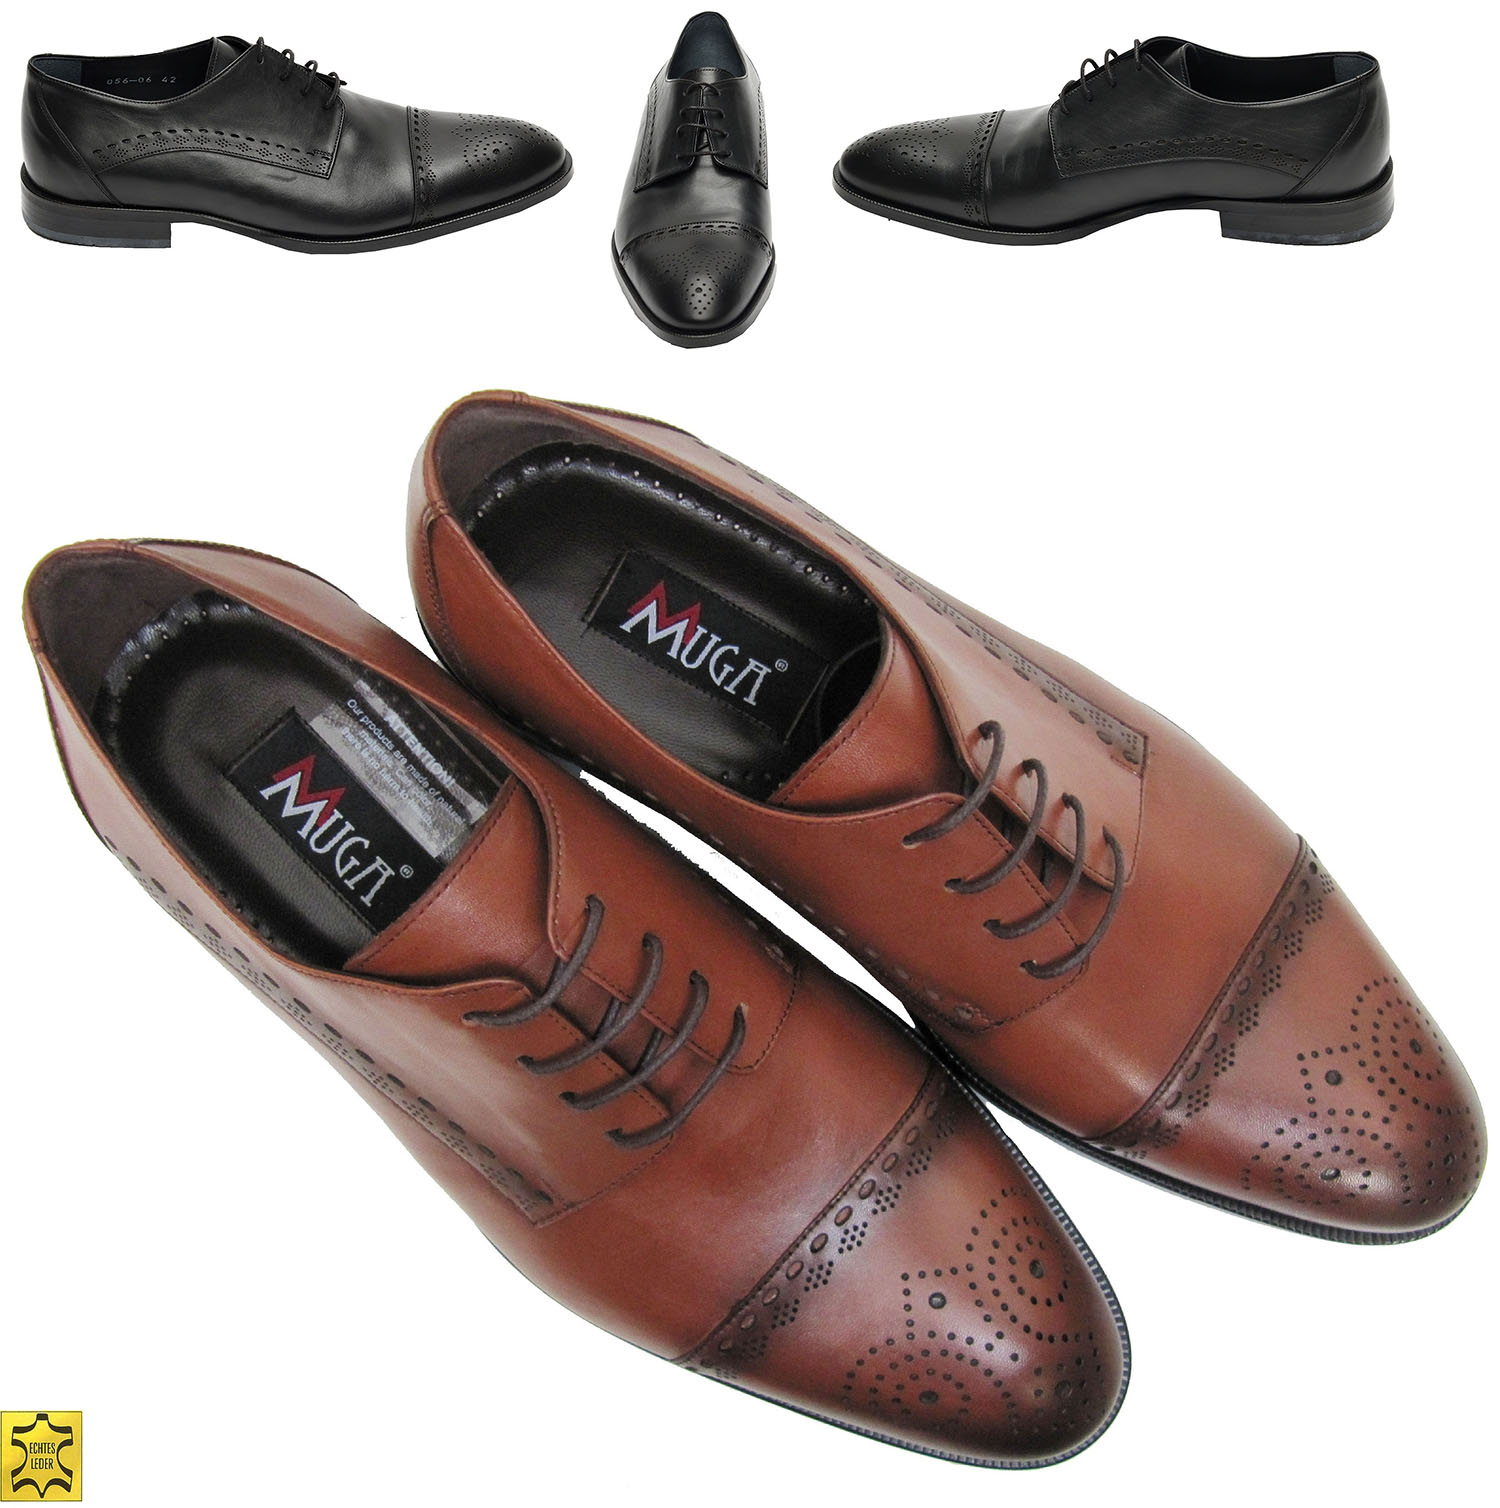 d121da6a489188 Elegante Herren Schuhe für viele Anlässe Schwarz und Tobacco-braun Größen 39 -46. Designed by MUGA ®